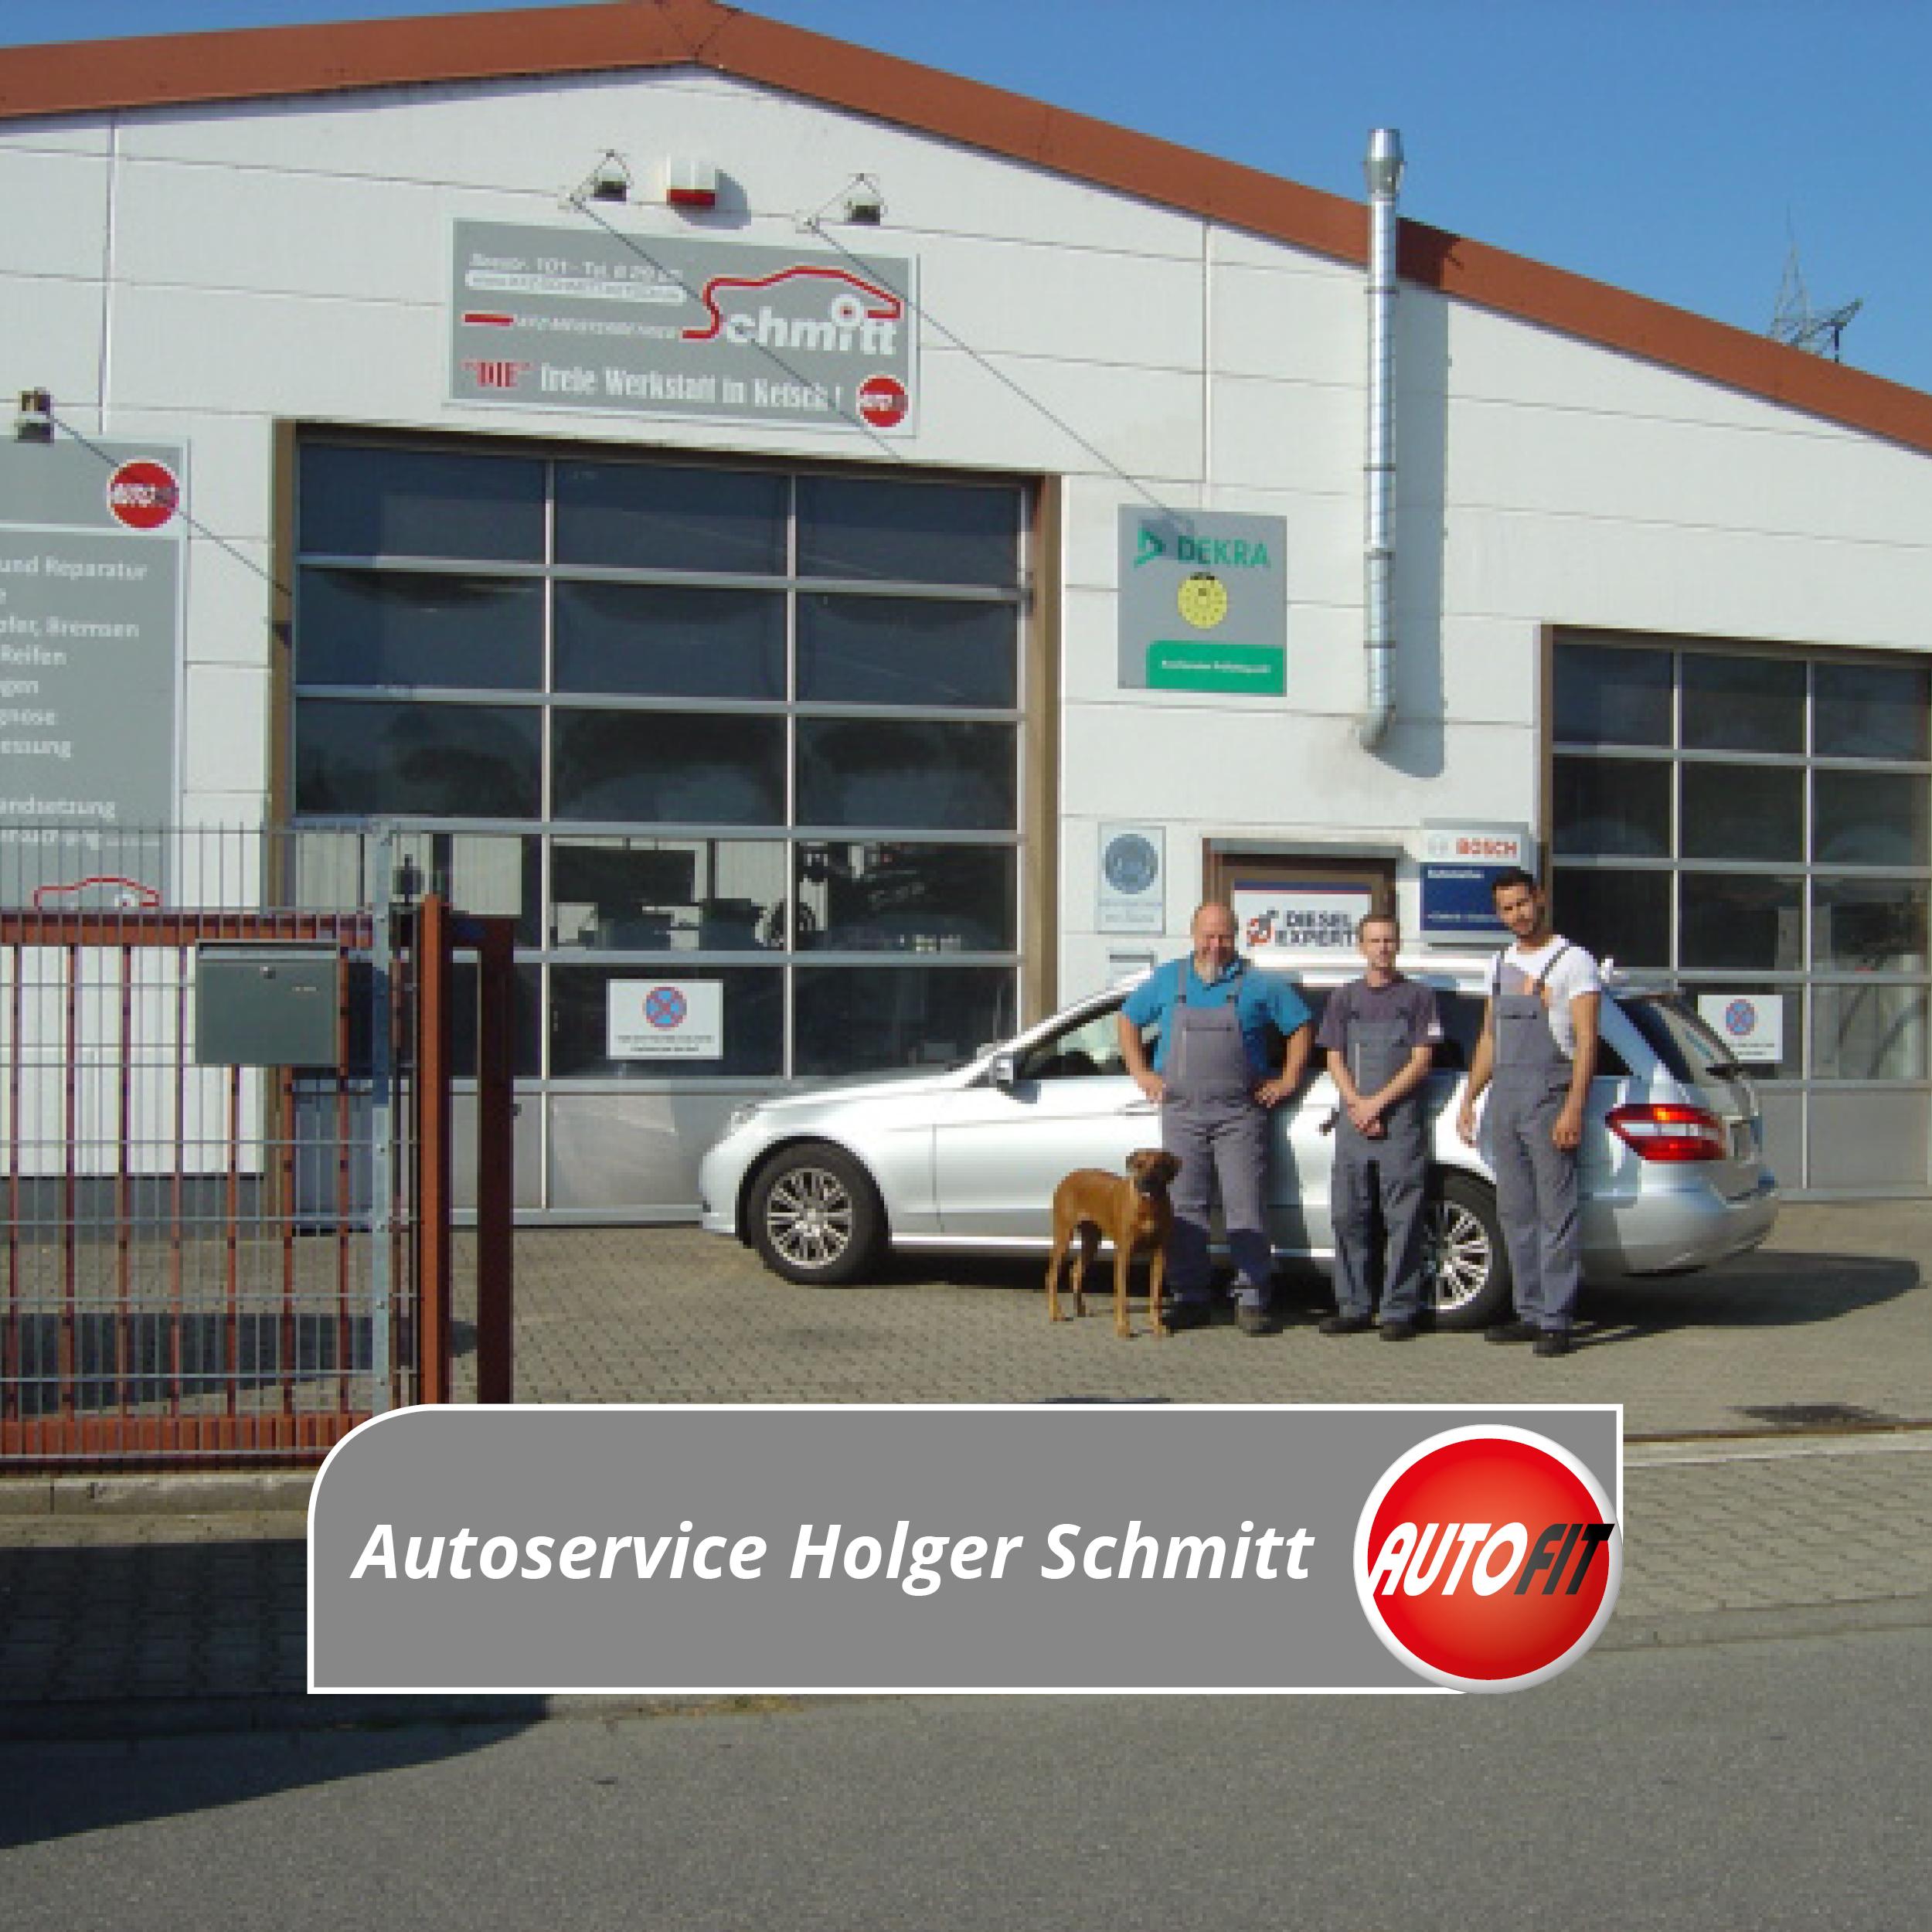 Autoservice Holger Schmitt